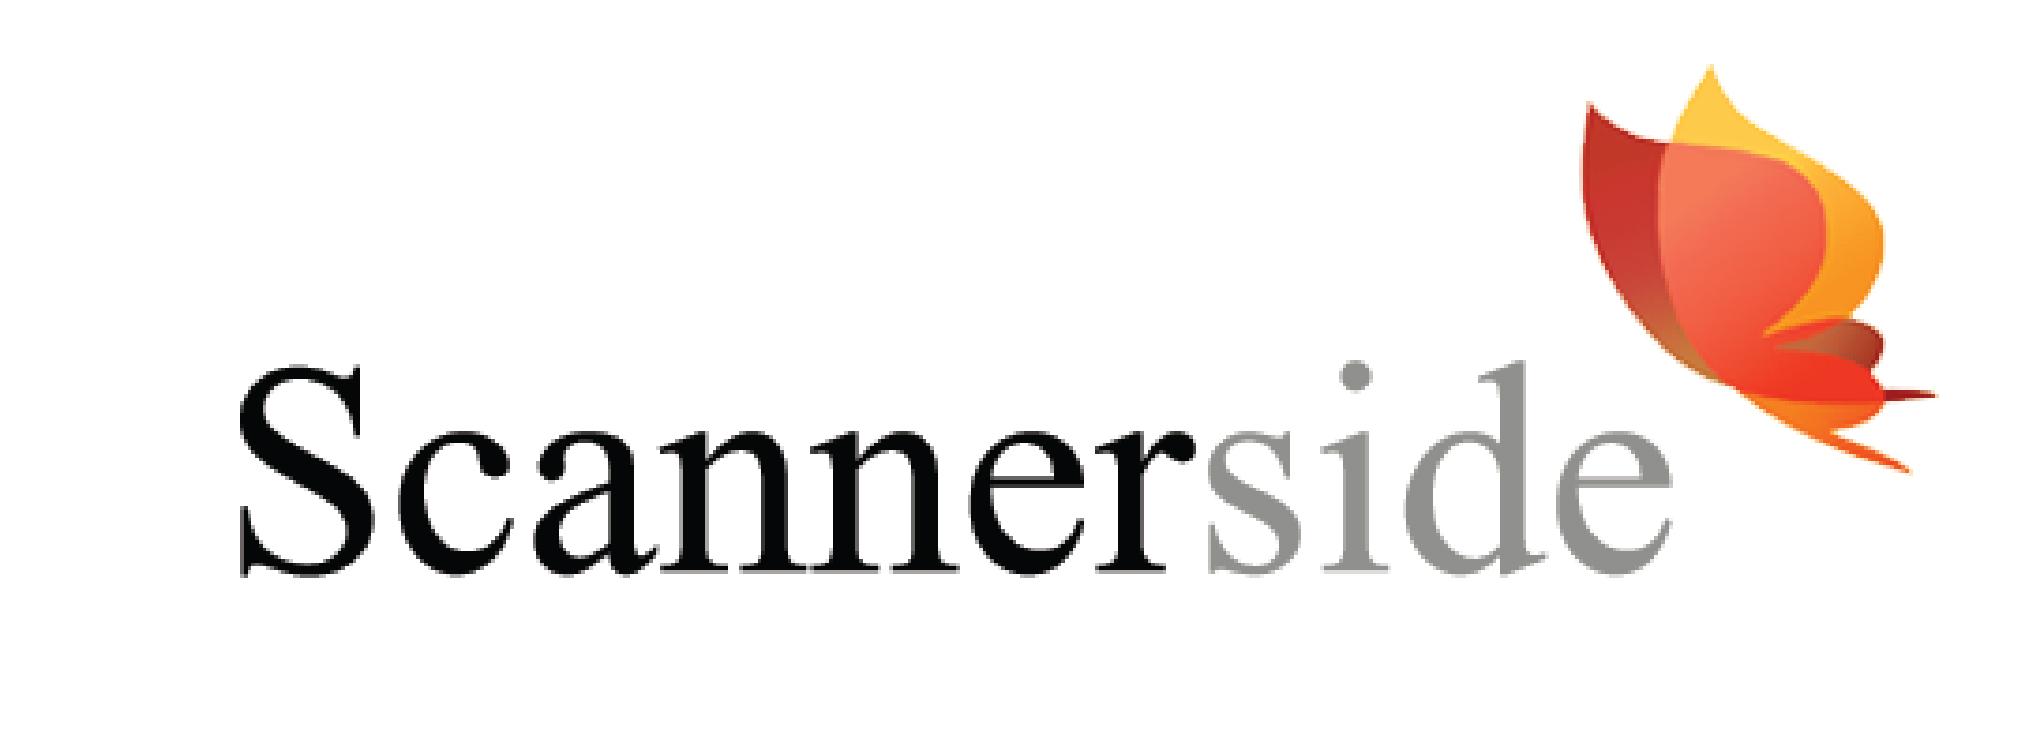 Scannerside logo